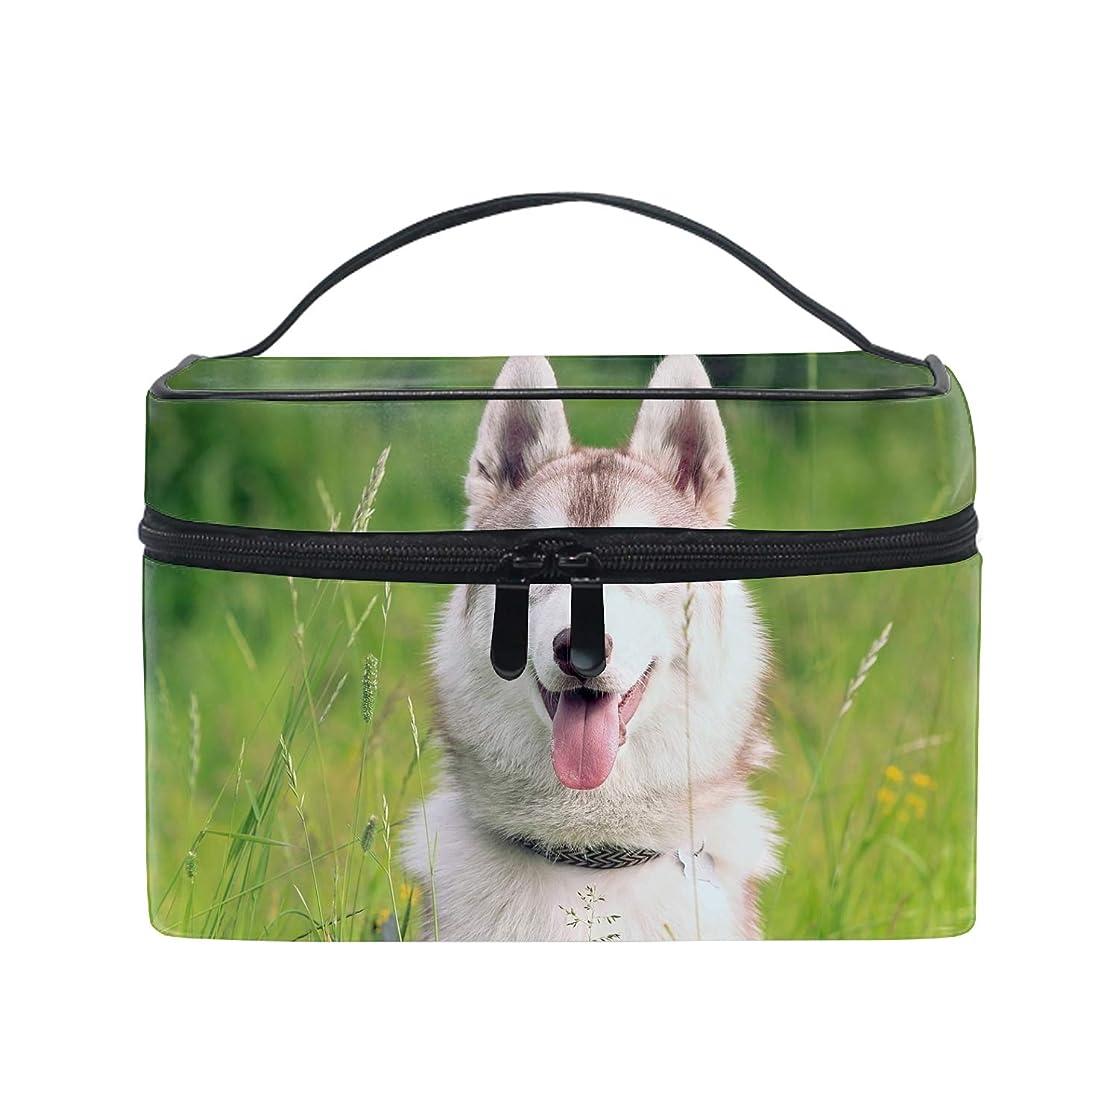 画面何十人も賞賛する化粧ポーチ 仕分け収納 シベリアンハスキーマズル犬防水 軽量 大容量 通勤 出張 旅行用